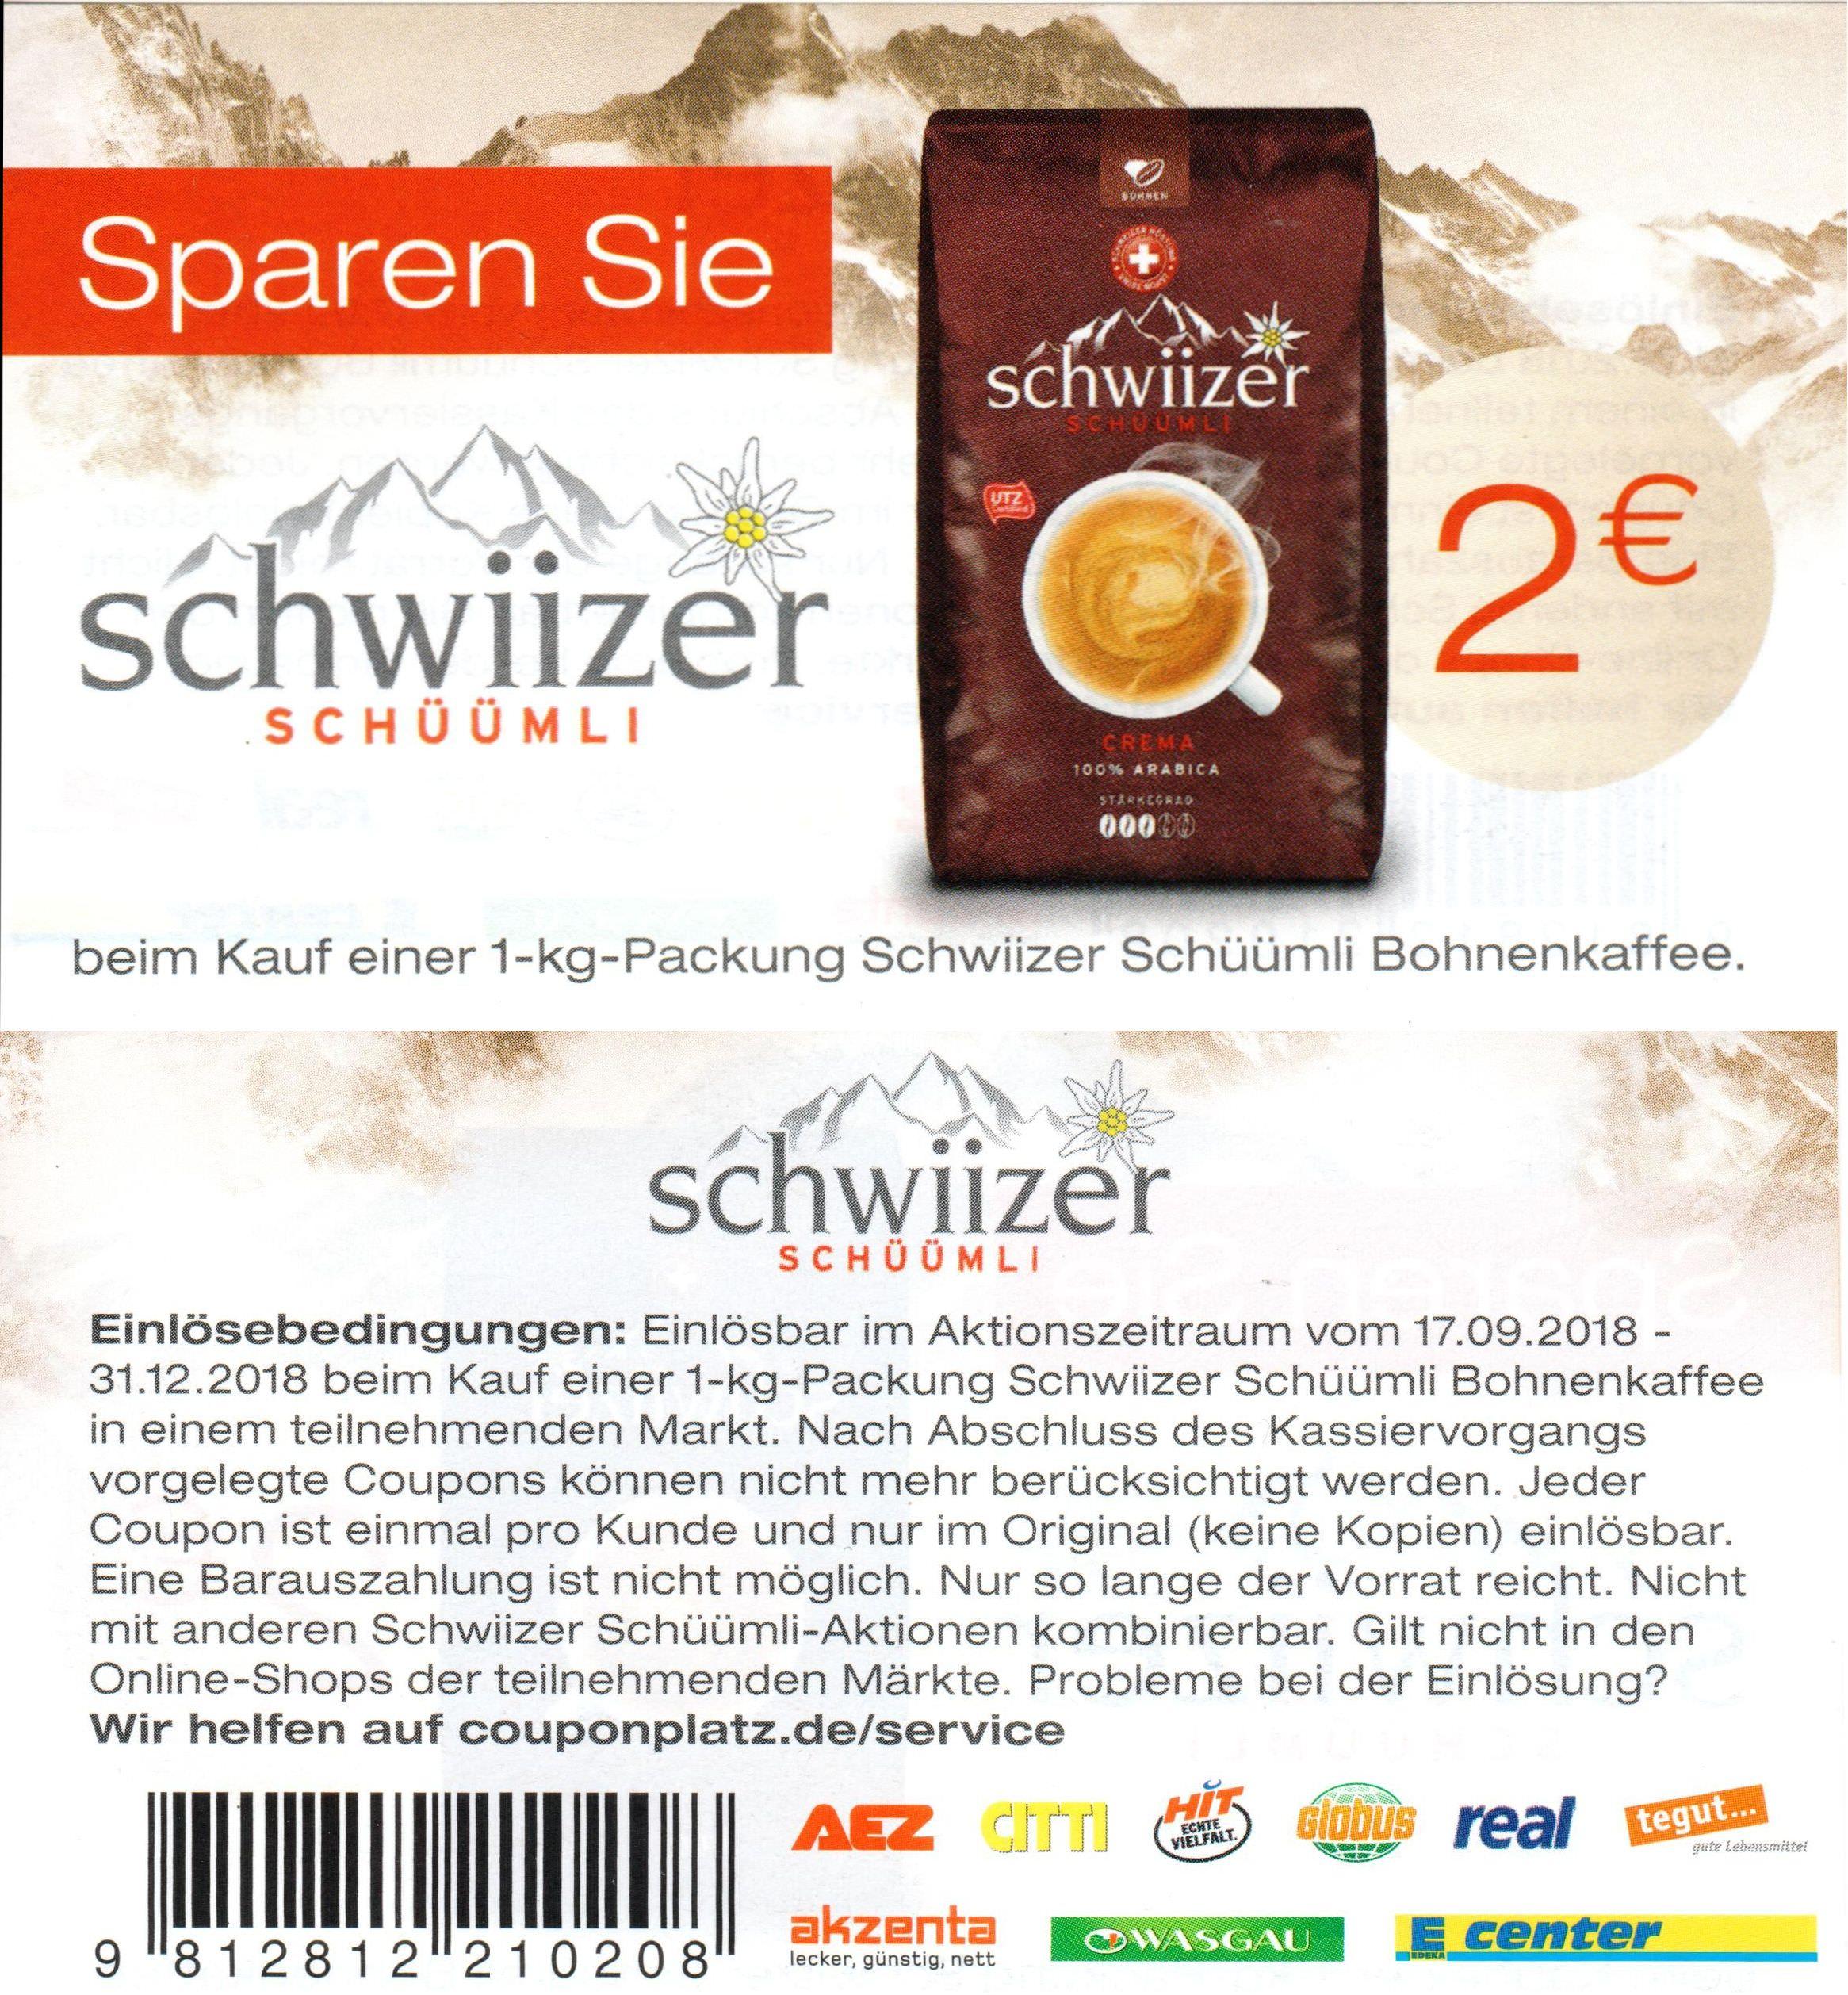 2€ Sofort-Rabatt-Coupon für Schwiizer Schüümli 1kg Bohnenkaffee bis 31.12.2018